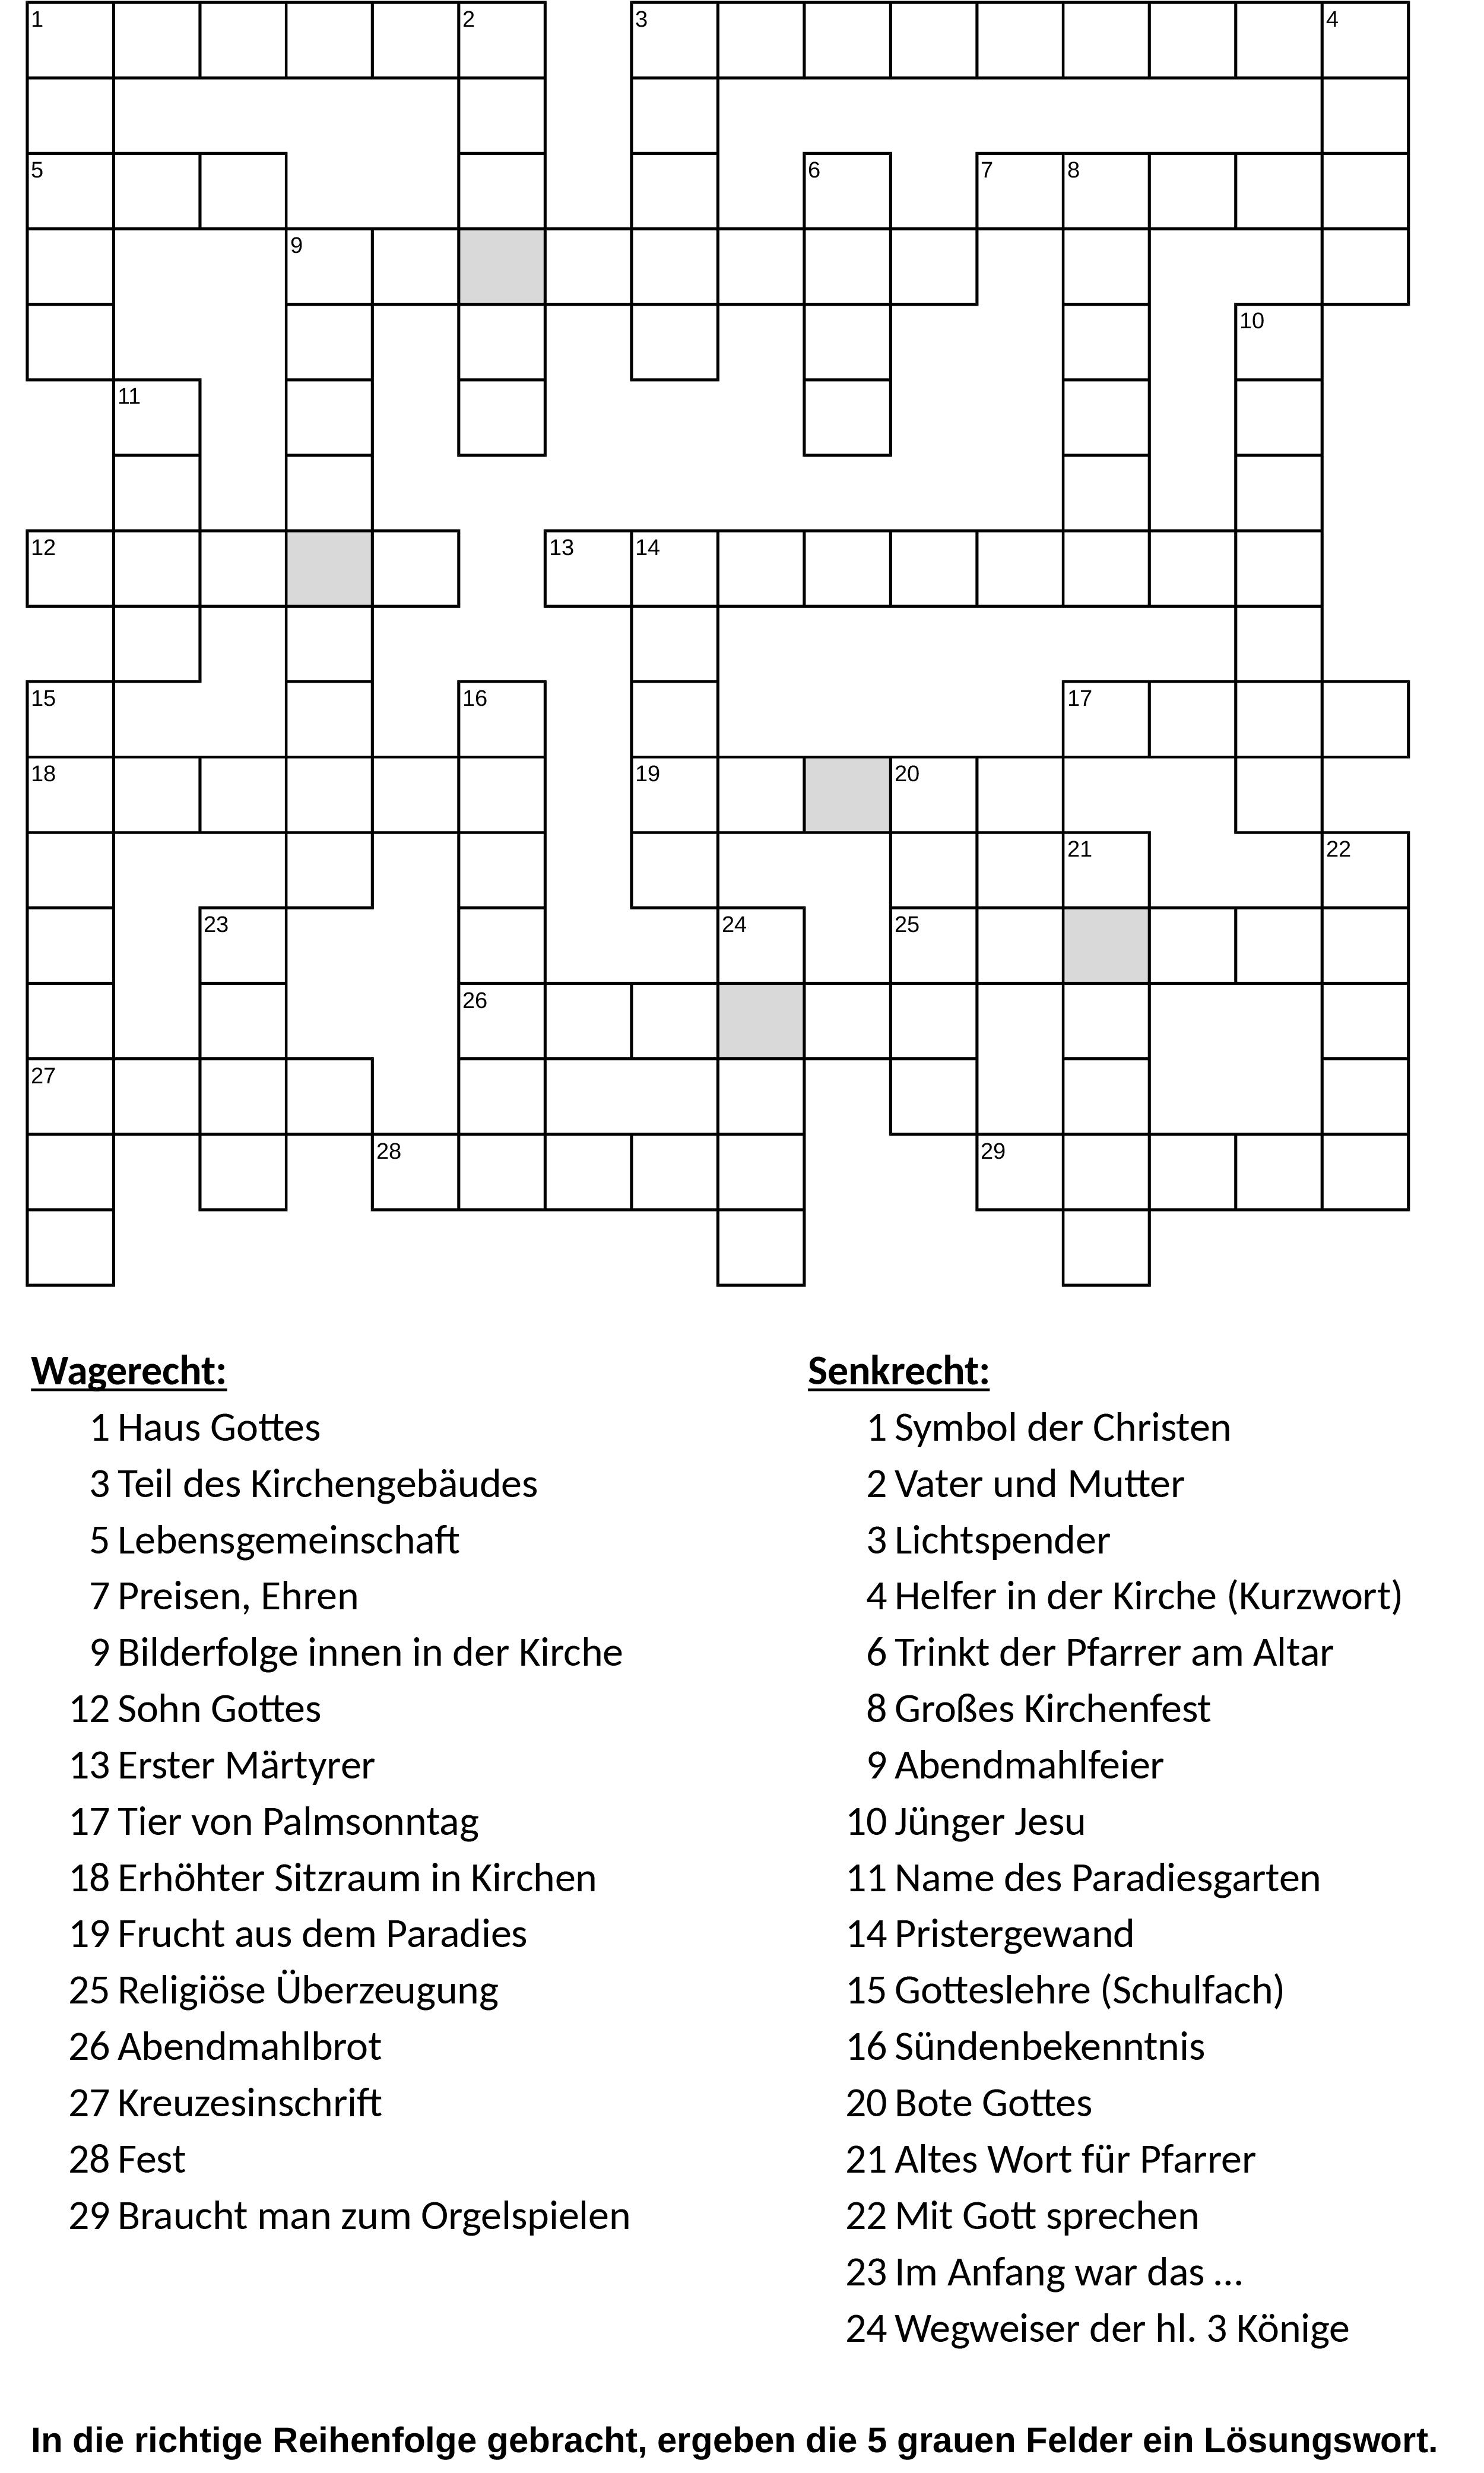 sudoku ausdrucken